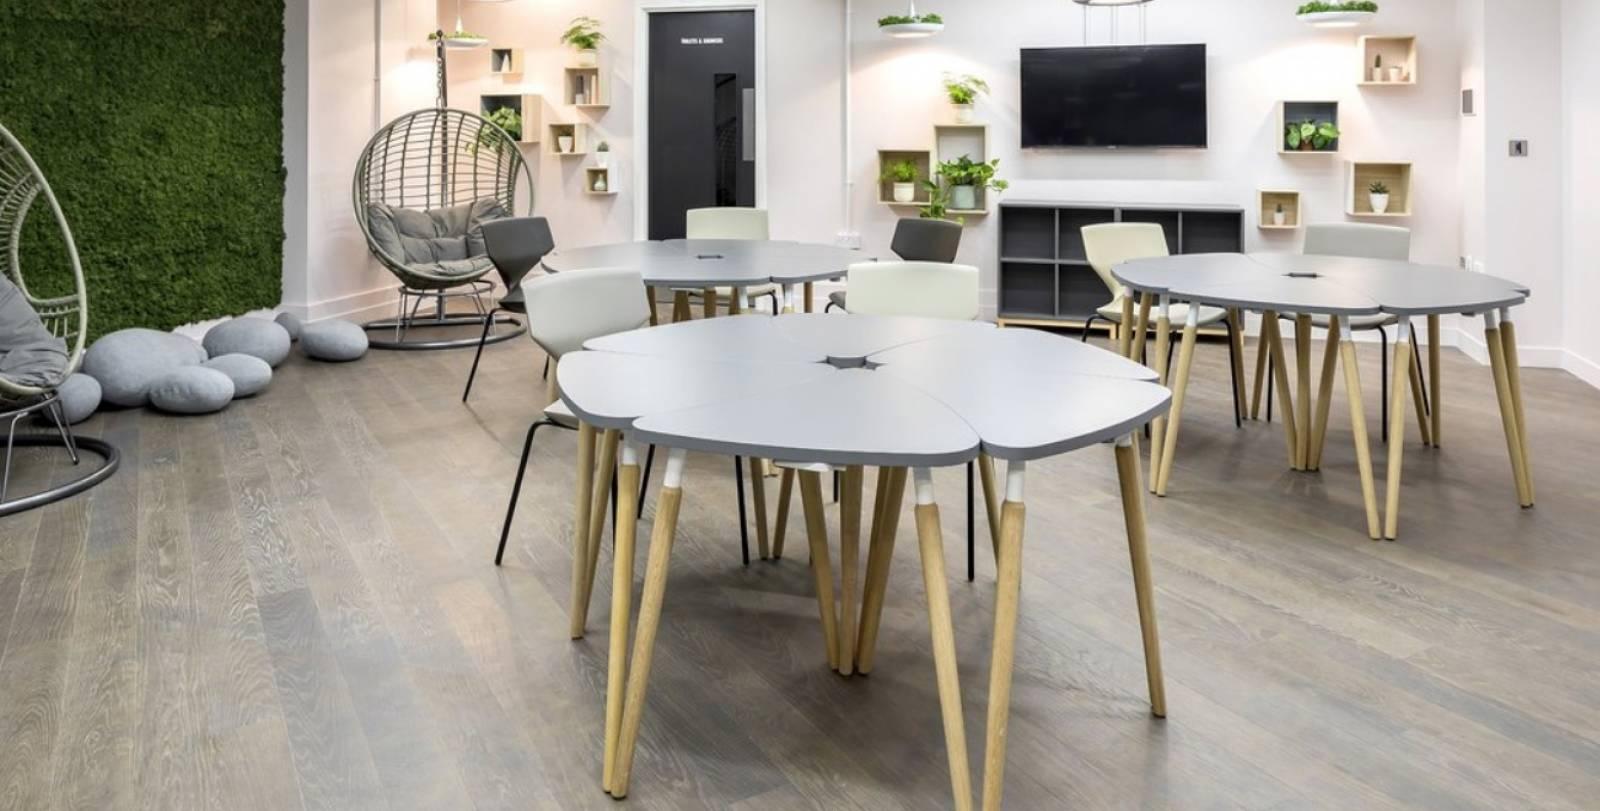 Espace de réunion informelle avec implantation de tables modulaires TAUKO